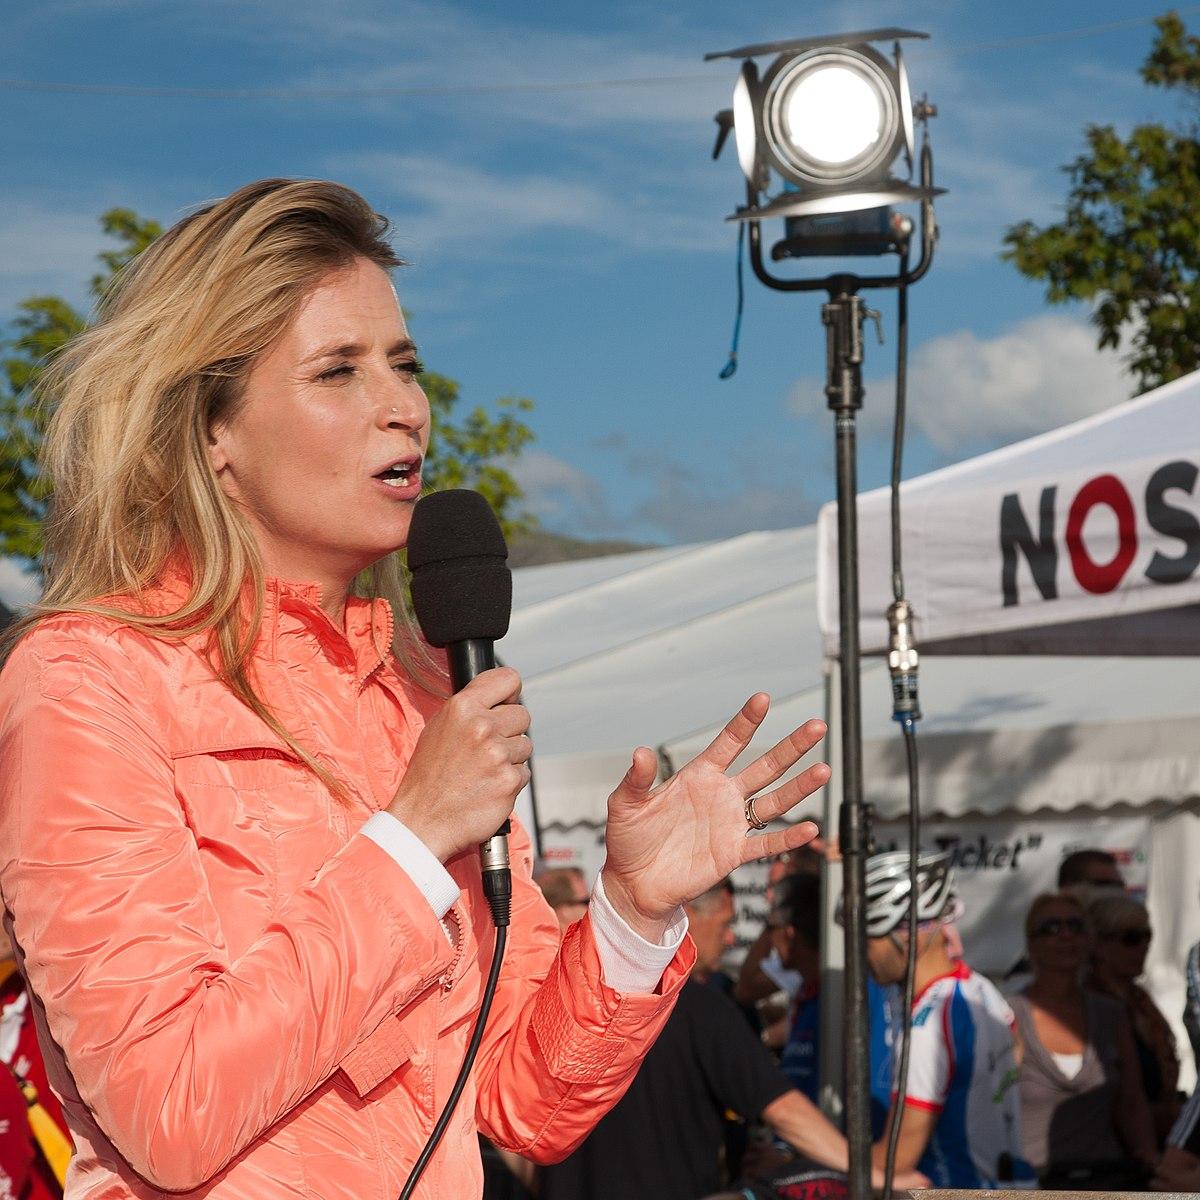 Jetske van den elsen wikipedia - Foto van de show ...